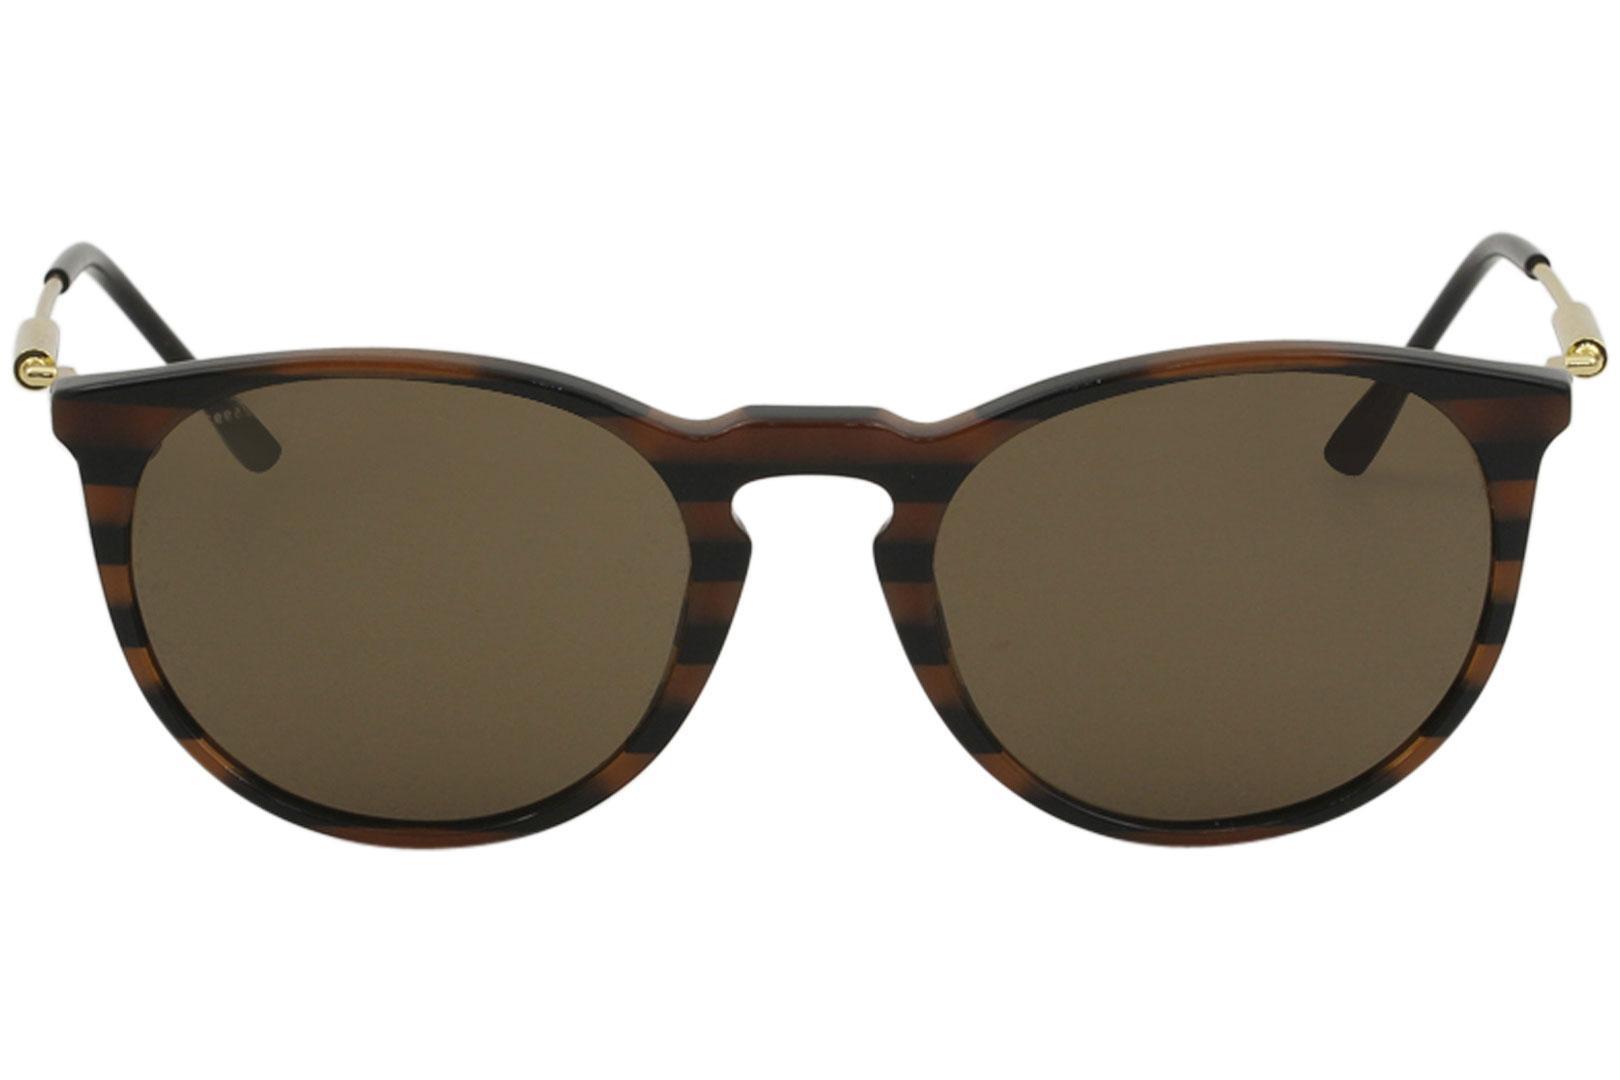 6de6f35ca3d36 Versace Men s VE4315 VE 4315 Fashion Round Sunglasses by Versace